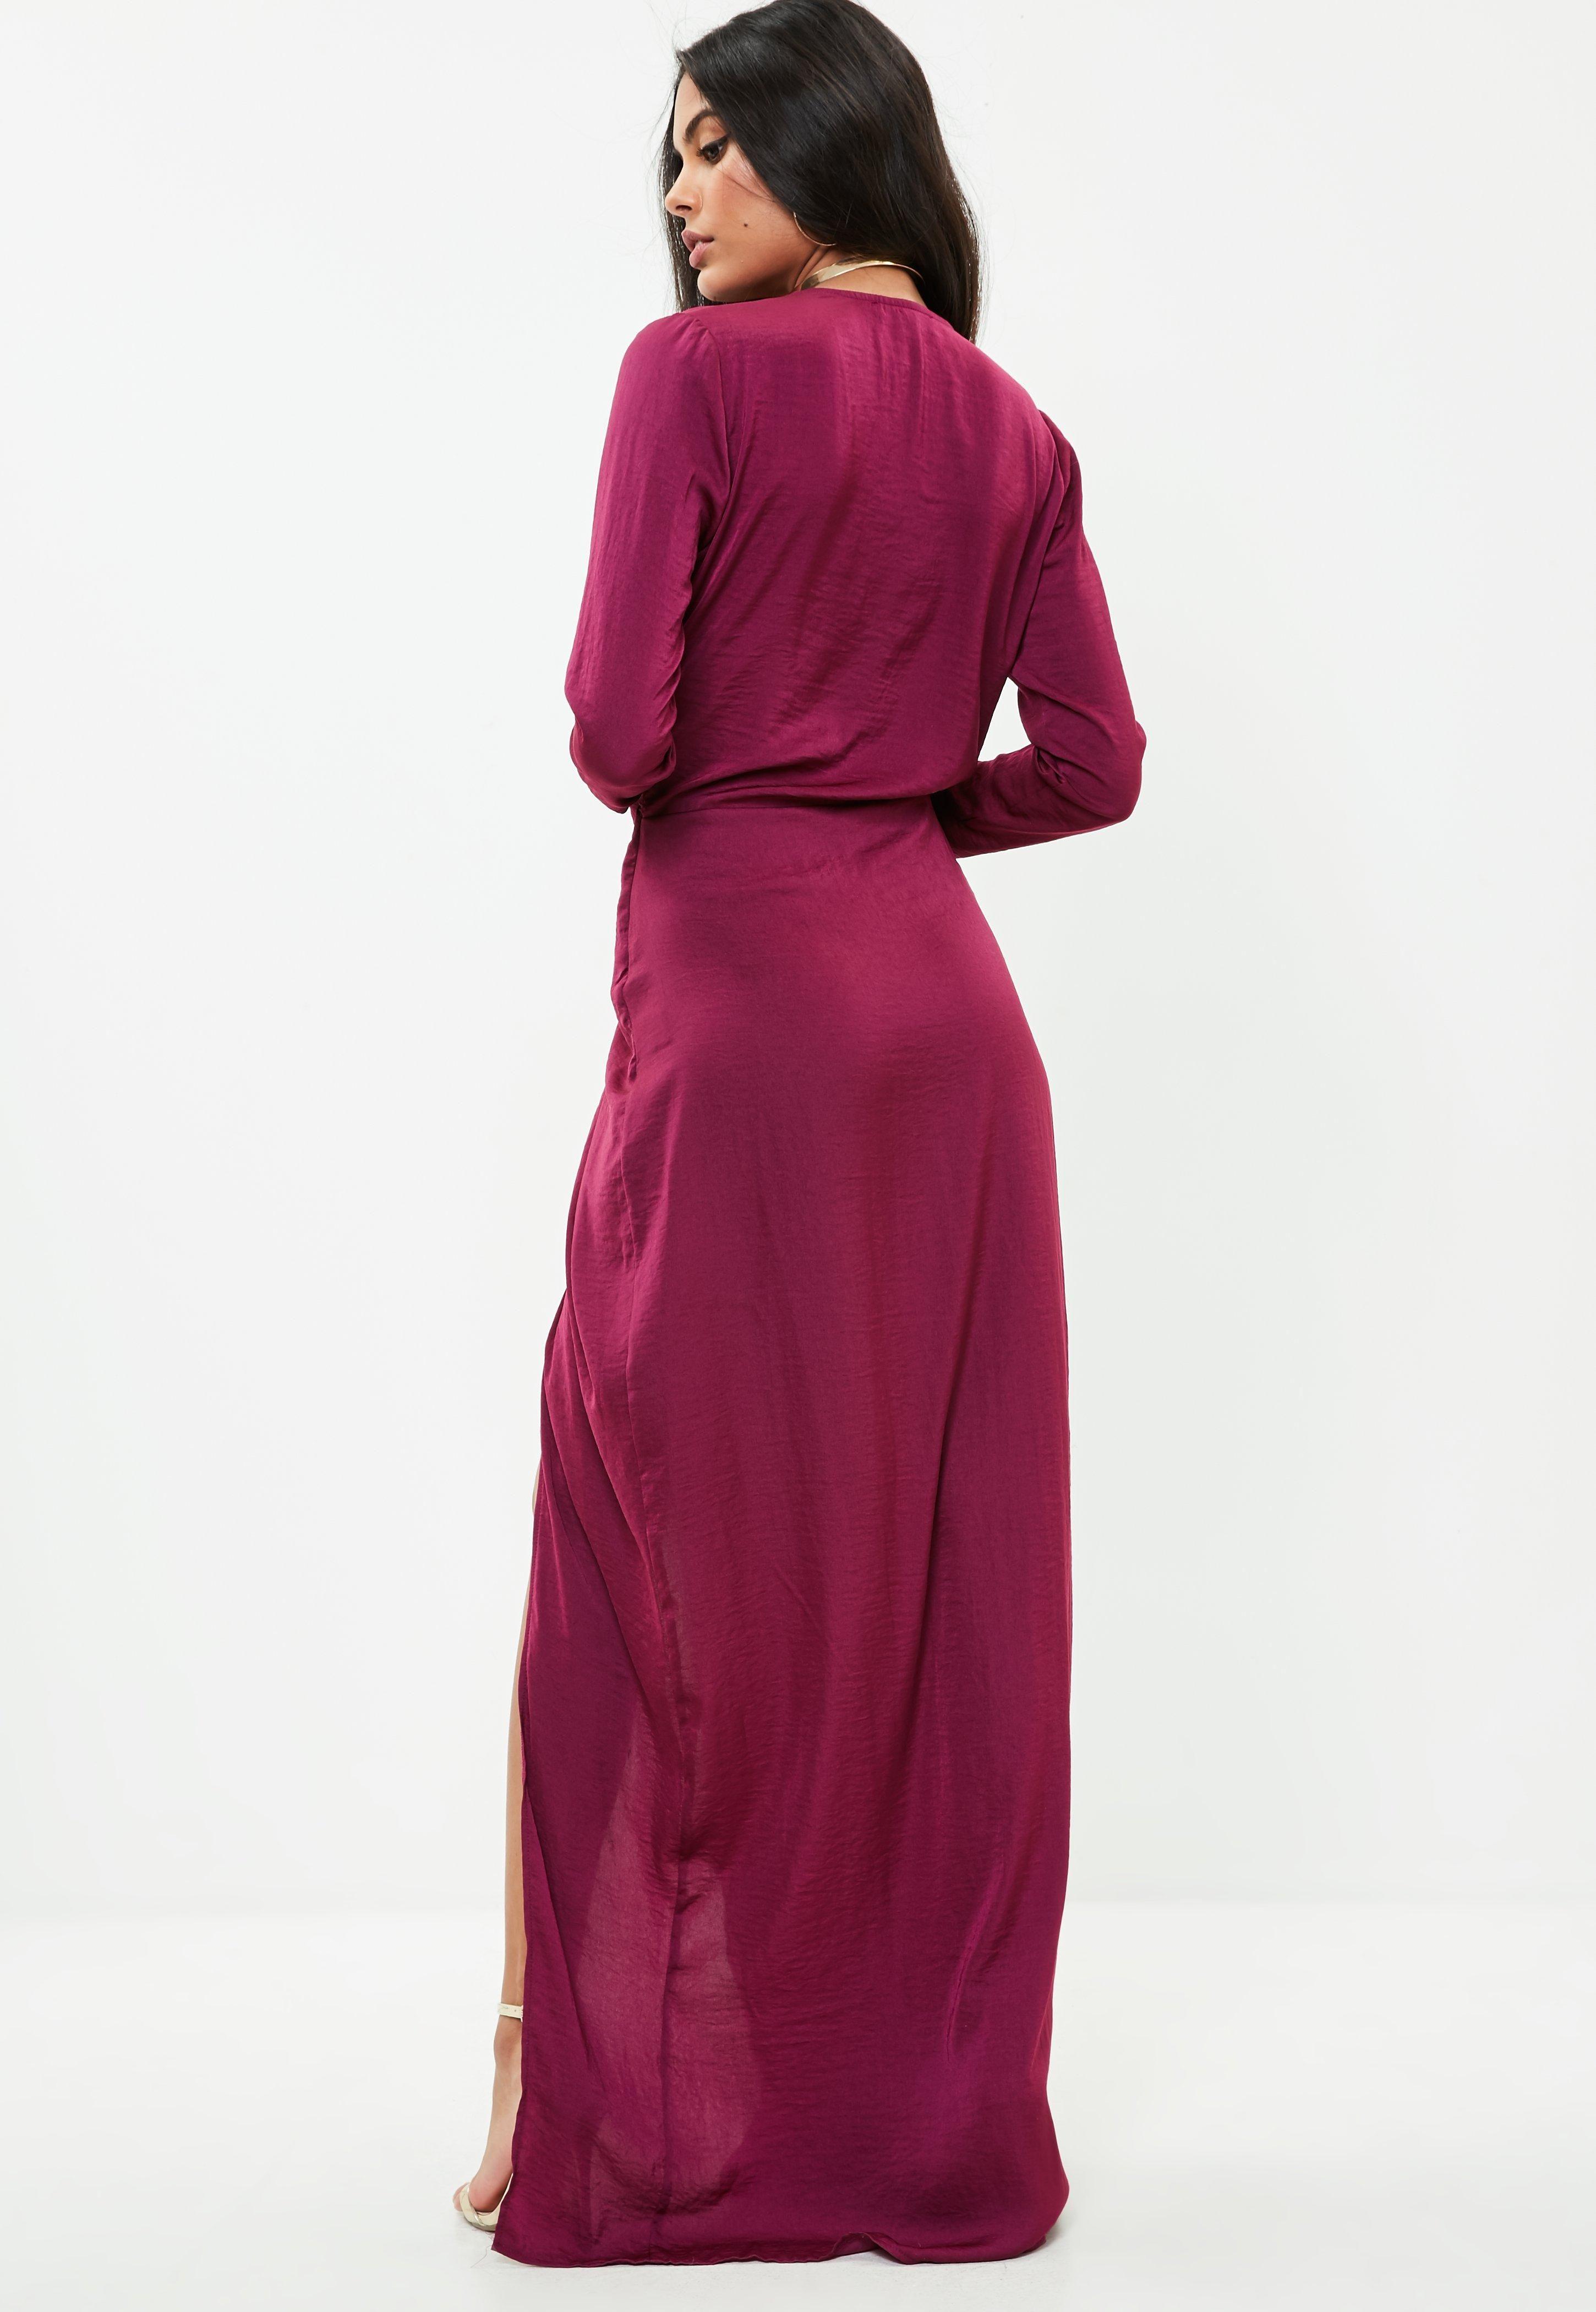 Missguided Tall Purple Wrap Maxi Dress Amanda Maxi Dress Maxi Wrap Dress Dresses [ 4200 x 2900 Pixel ]